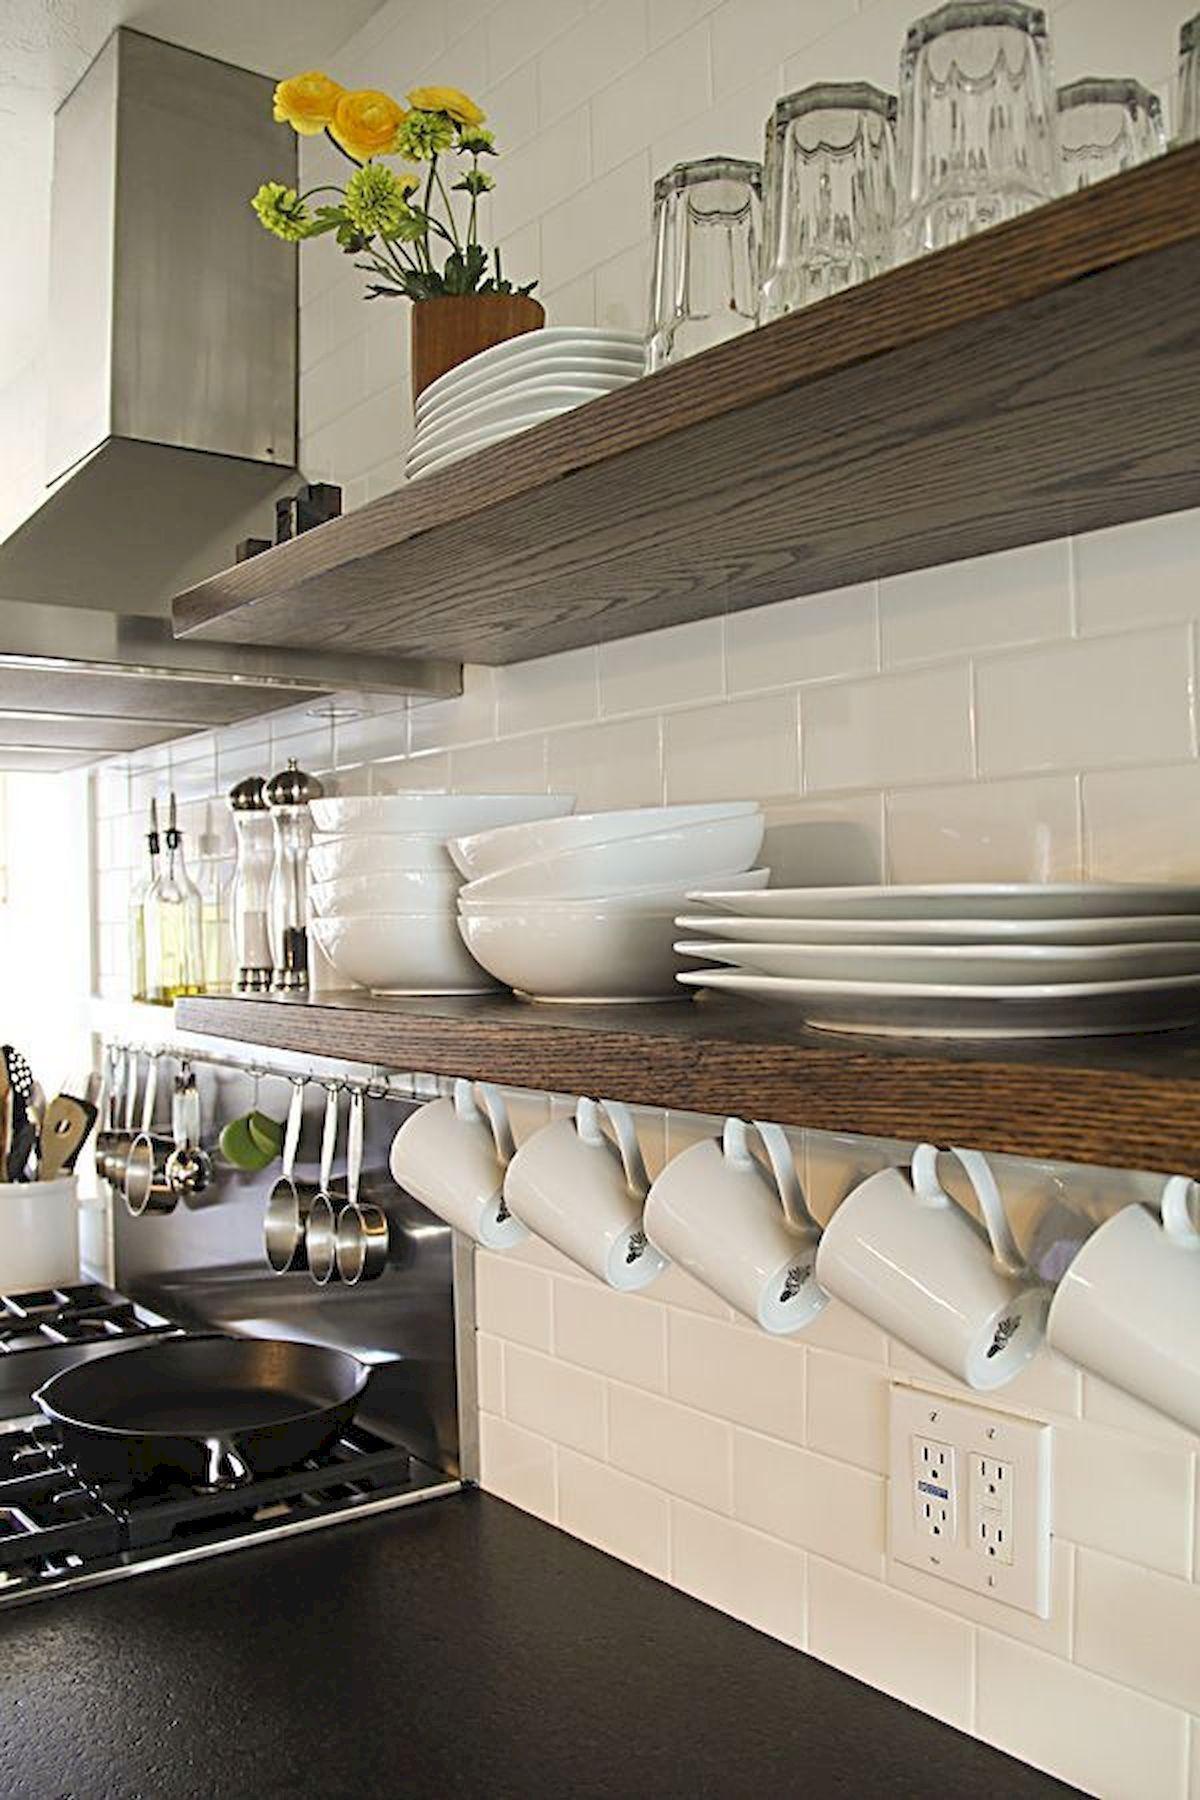 Lovely DIY Kitchen Storage Ideas To Maximize Kitchen Space 21